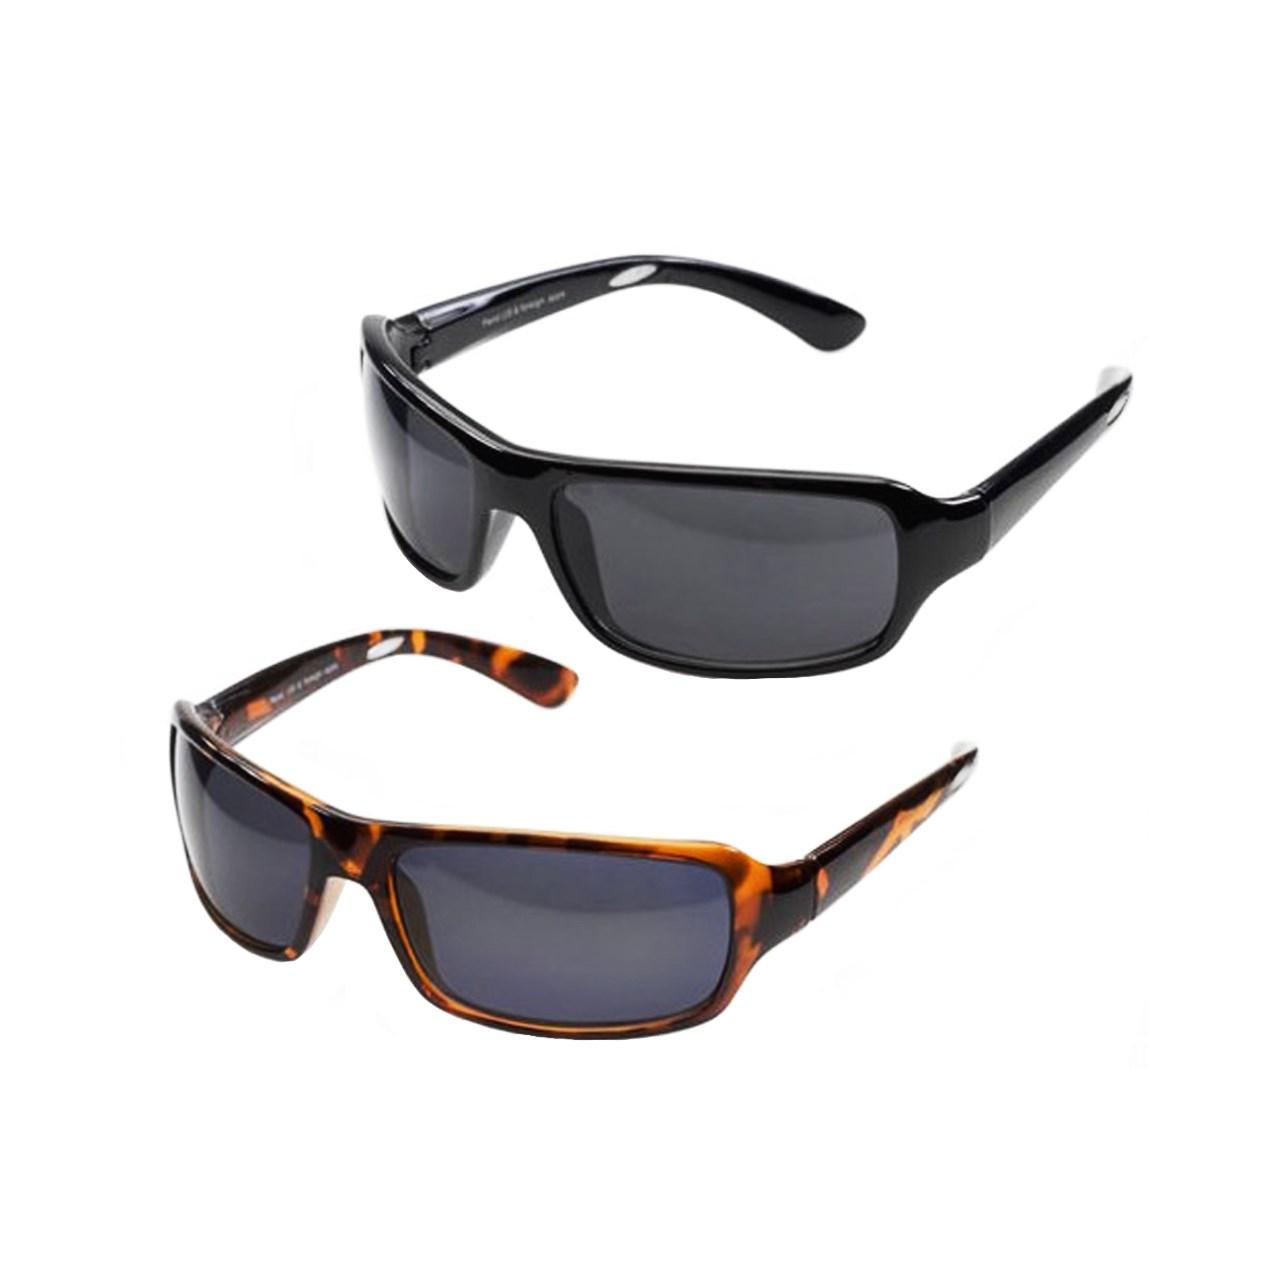 عینک آفتابی مدل Trucolor بسته 2 عددی